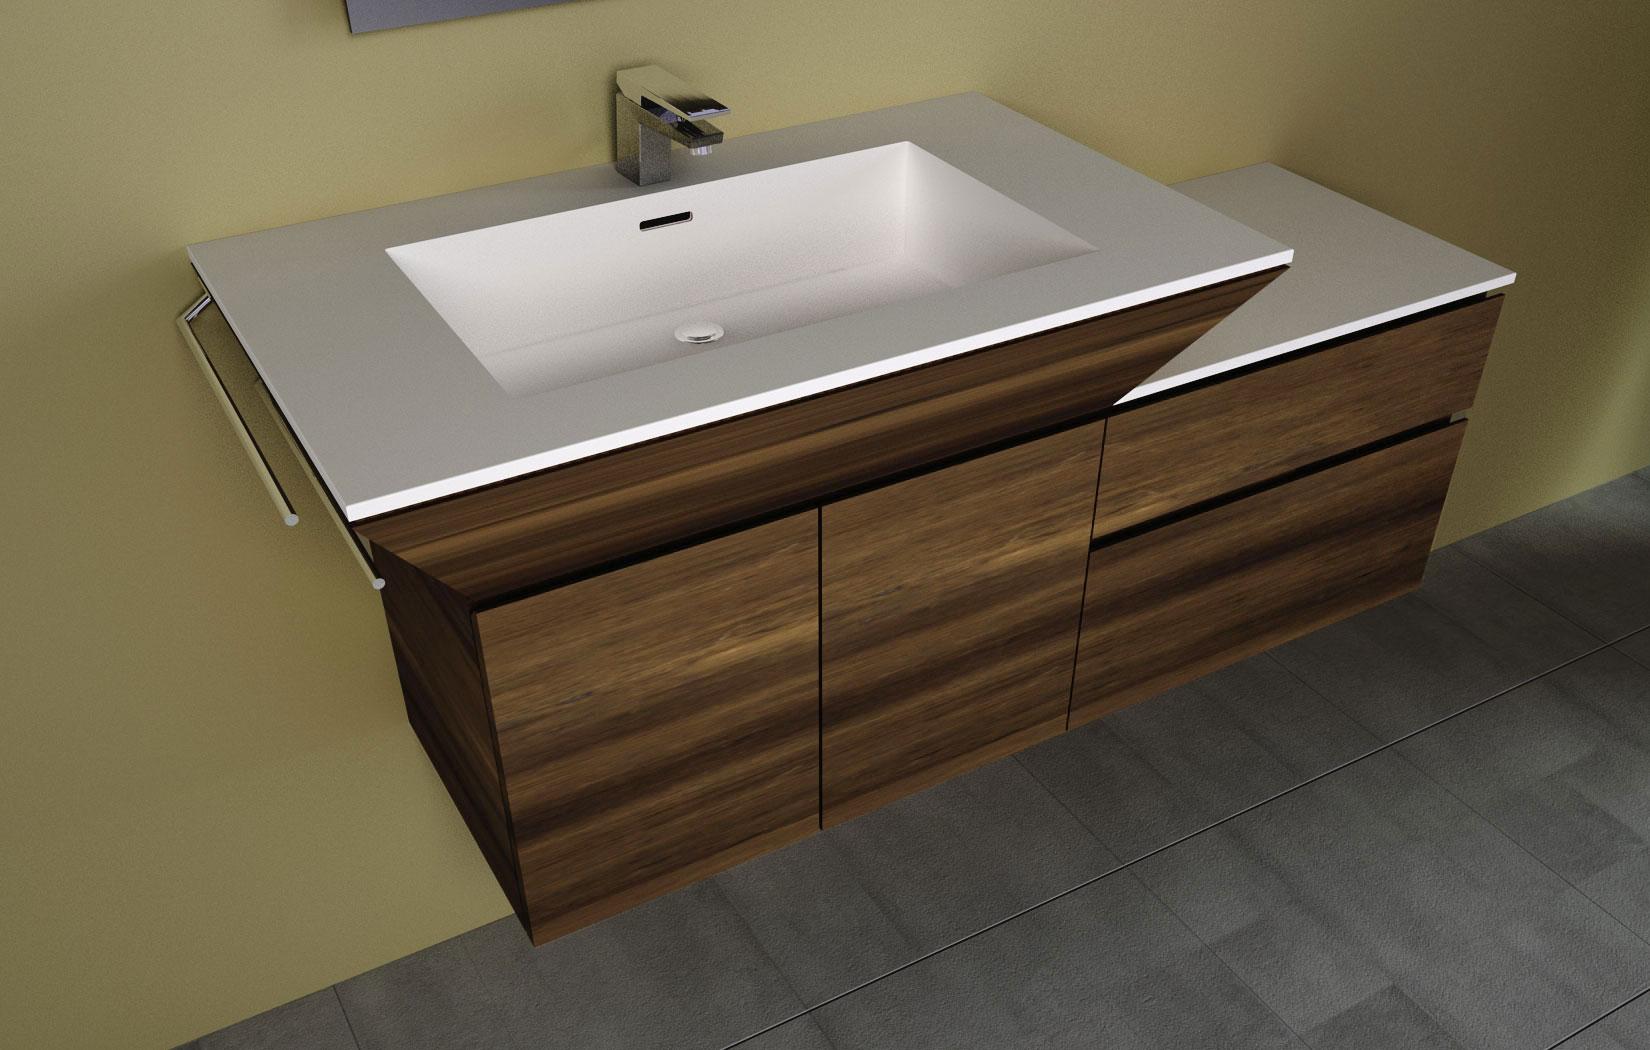 Lune design lavabo da bagno 39 refin 39 for Designer di piani di pavimenti online